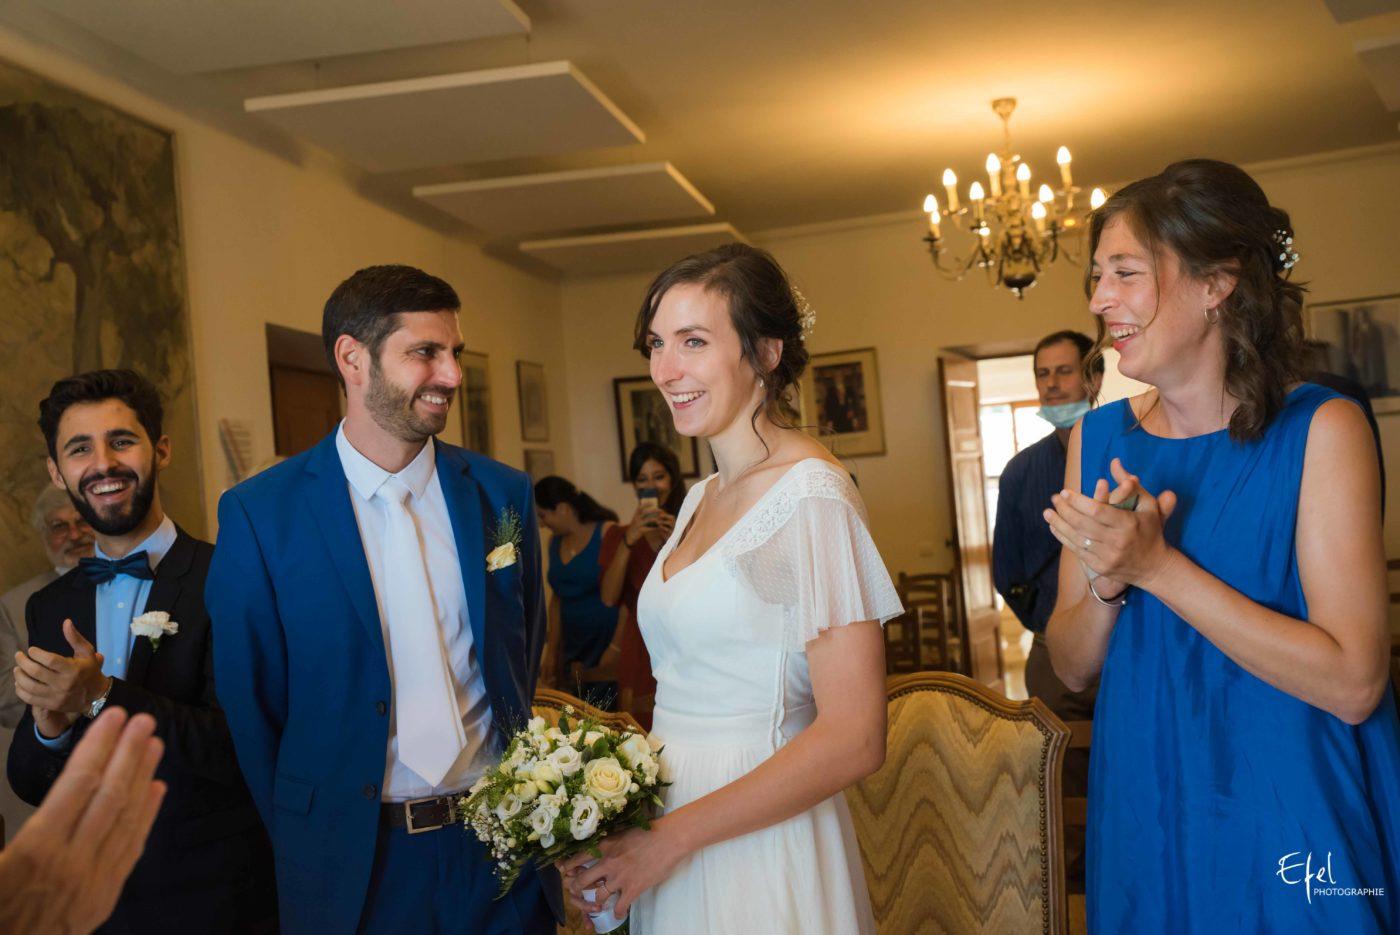 Les mariés sont heureux de s'être dit oui - photographe de mariage dans les hautes alpes